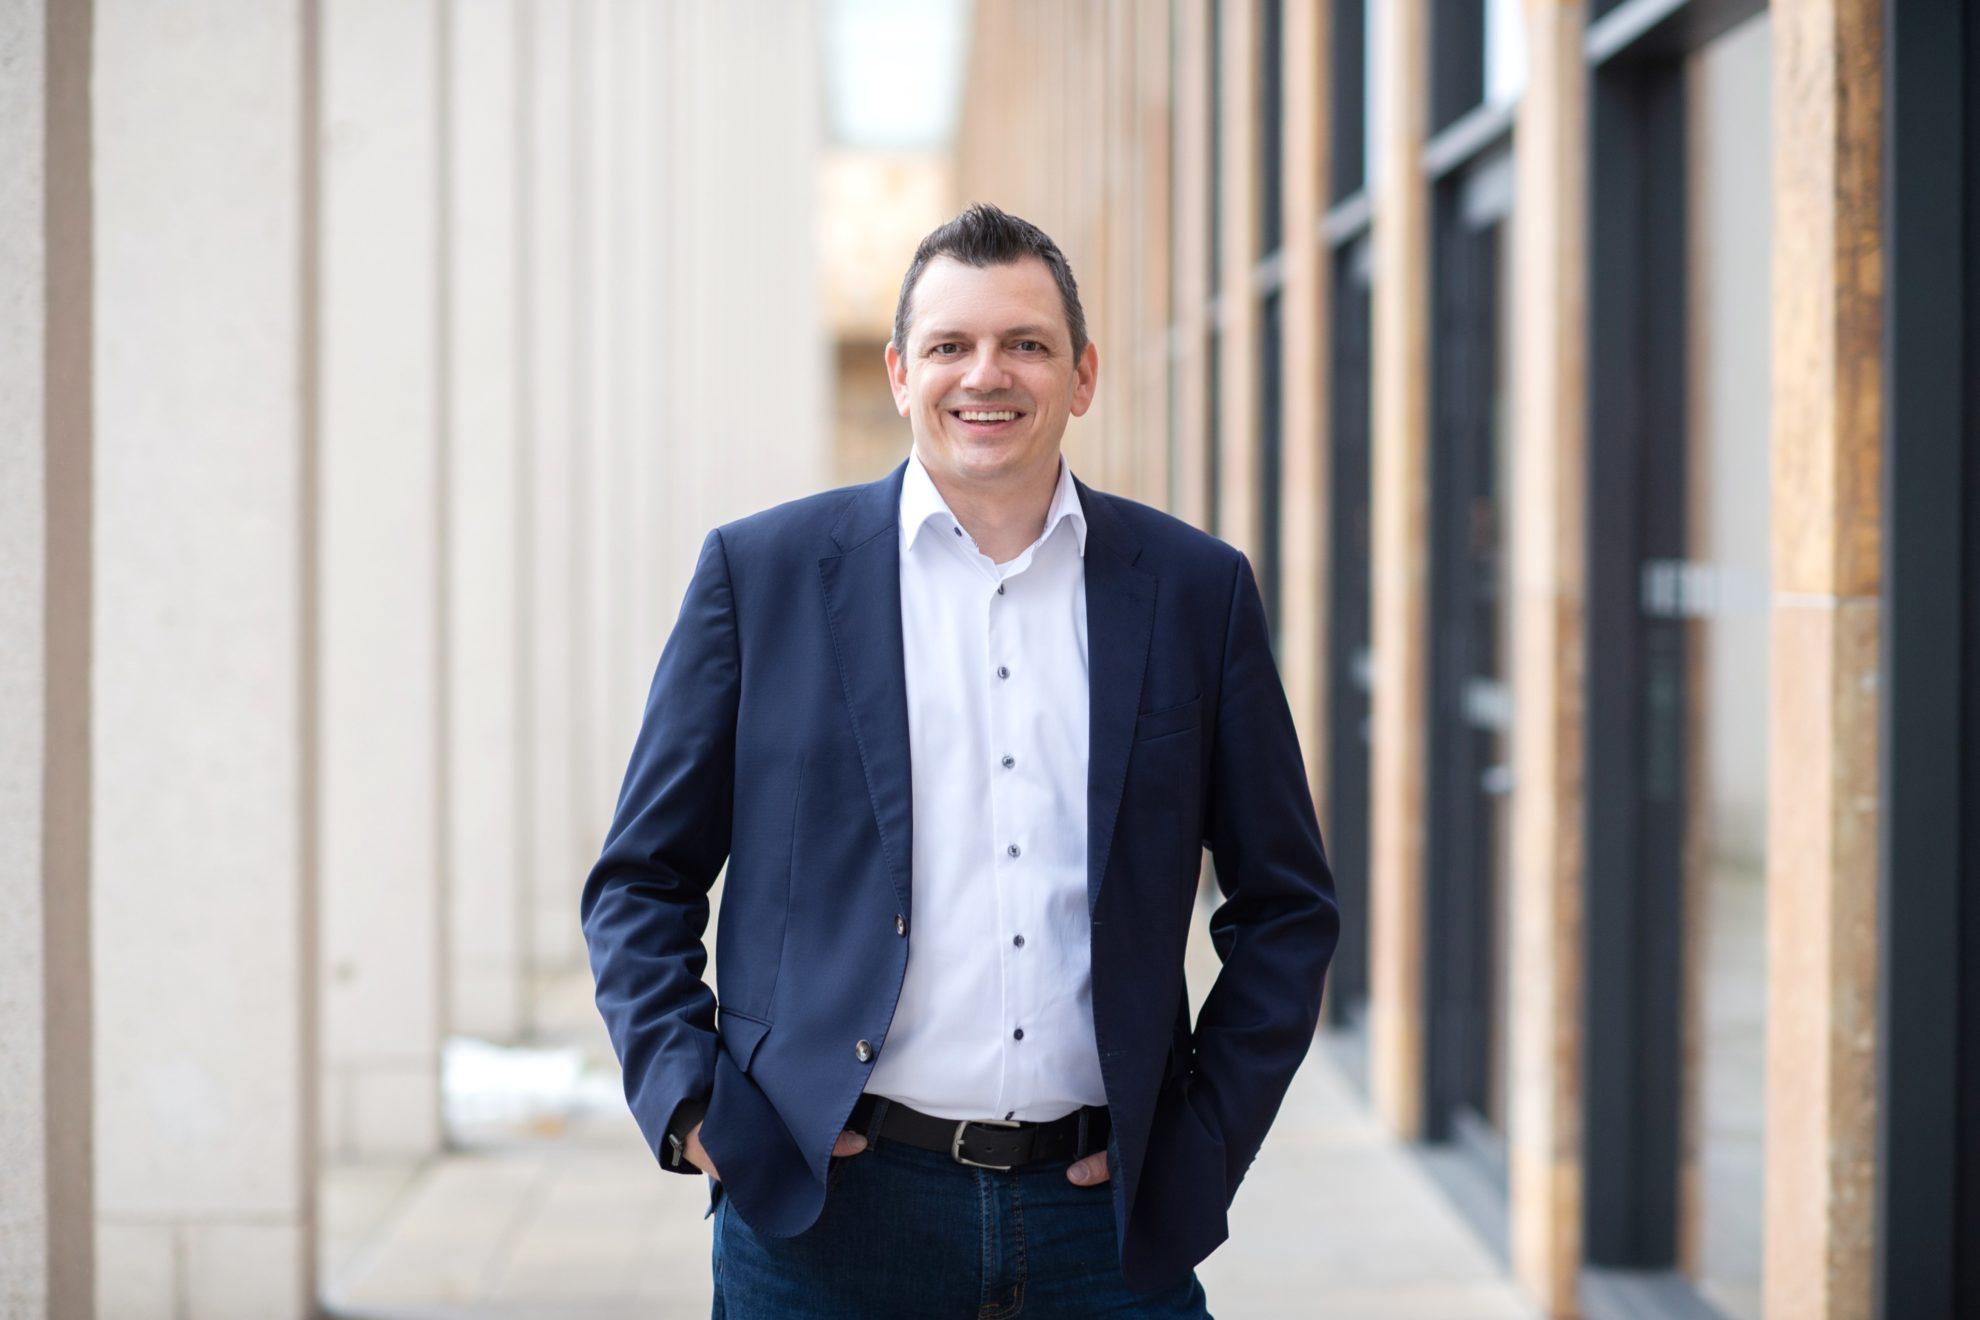 Simon Rottloff, Kandidat für die Wahl zur Stadtverordnetenversammlung am 14.03.2021